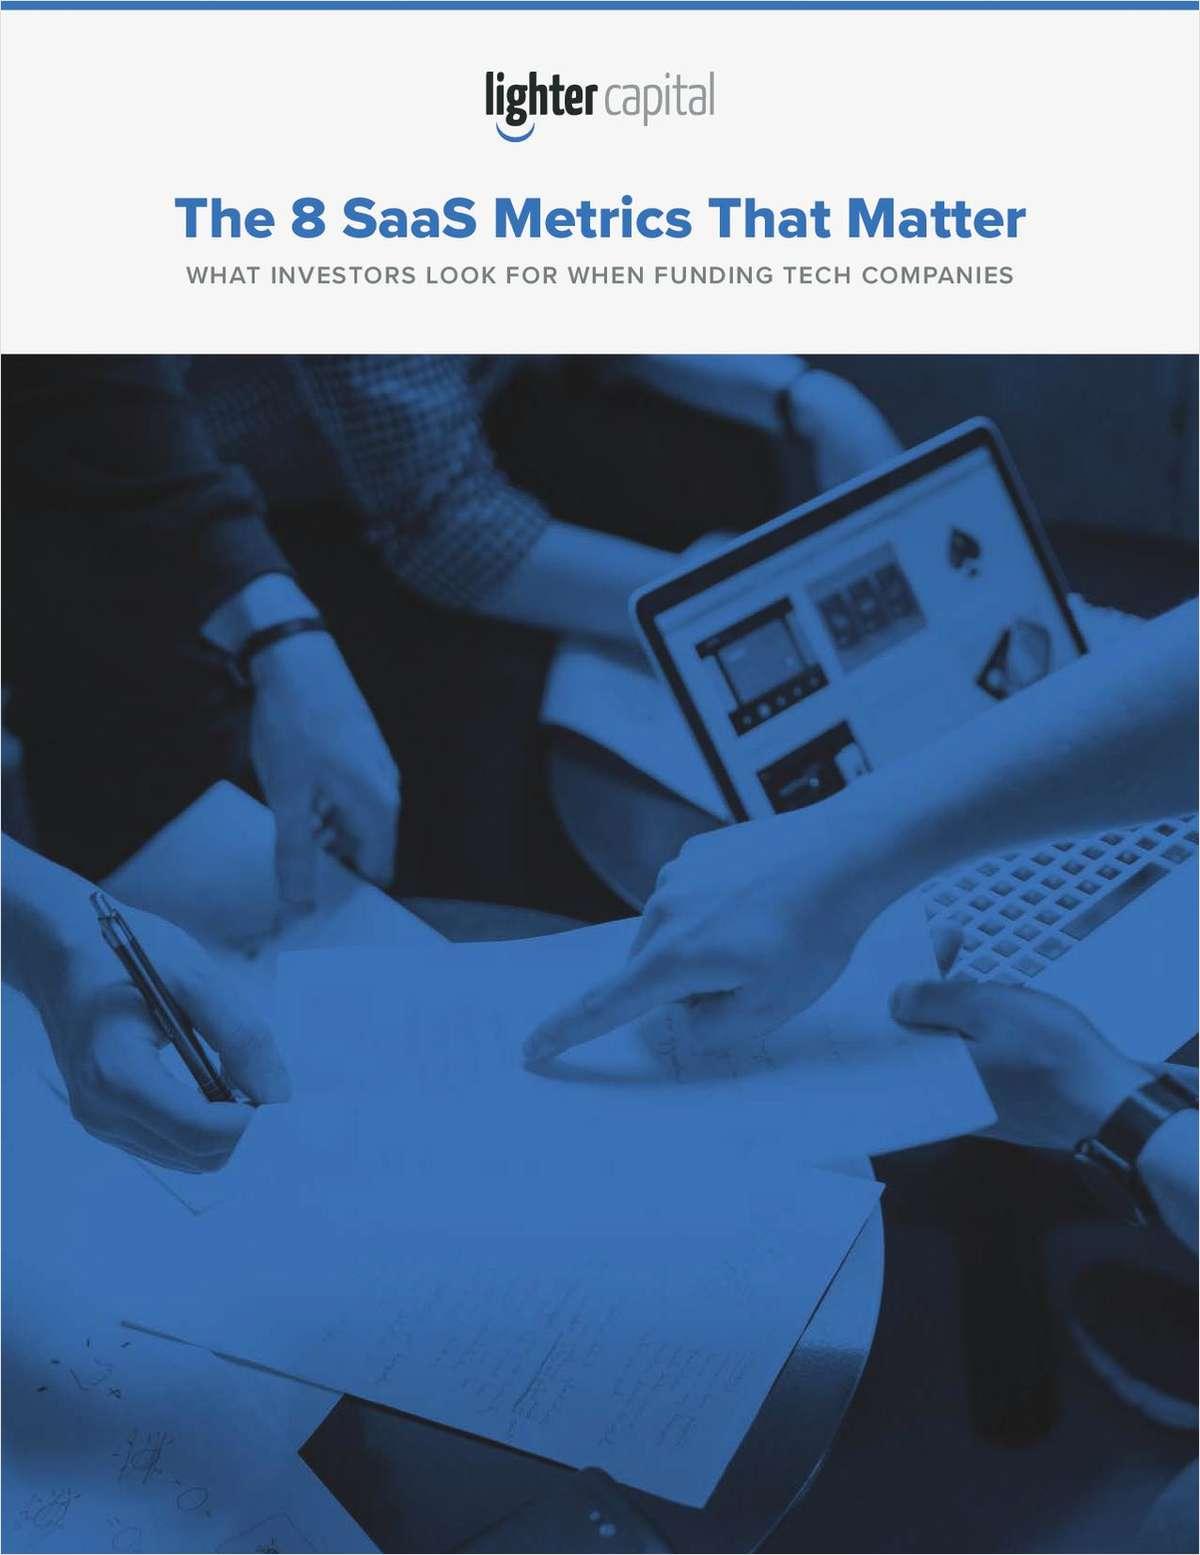 The 8 SaaS Metrics that Matter